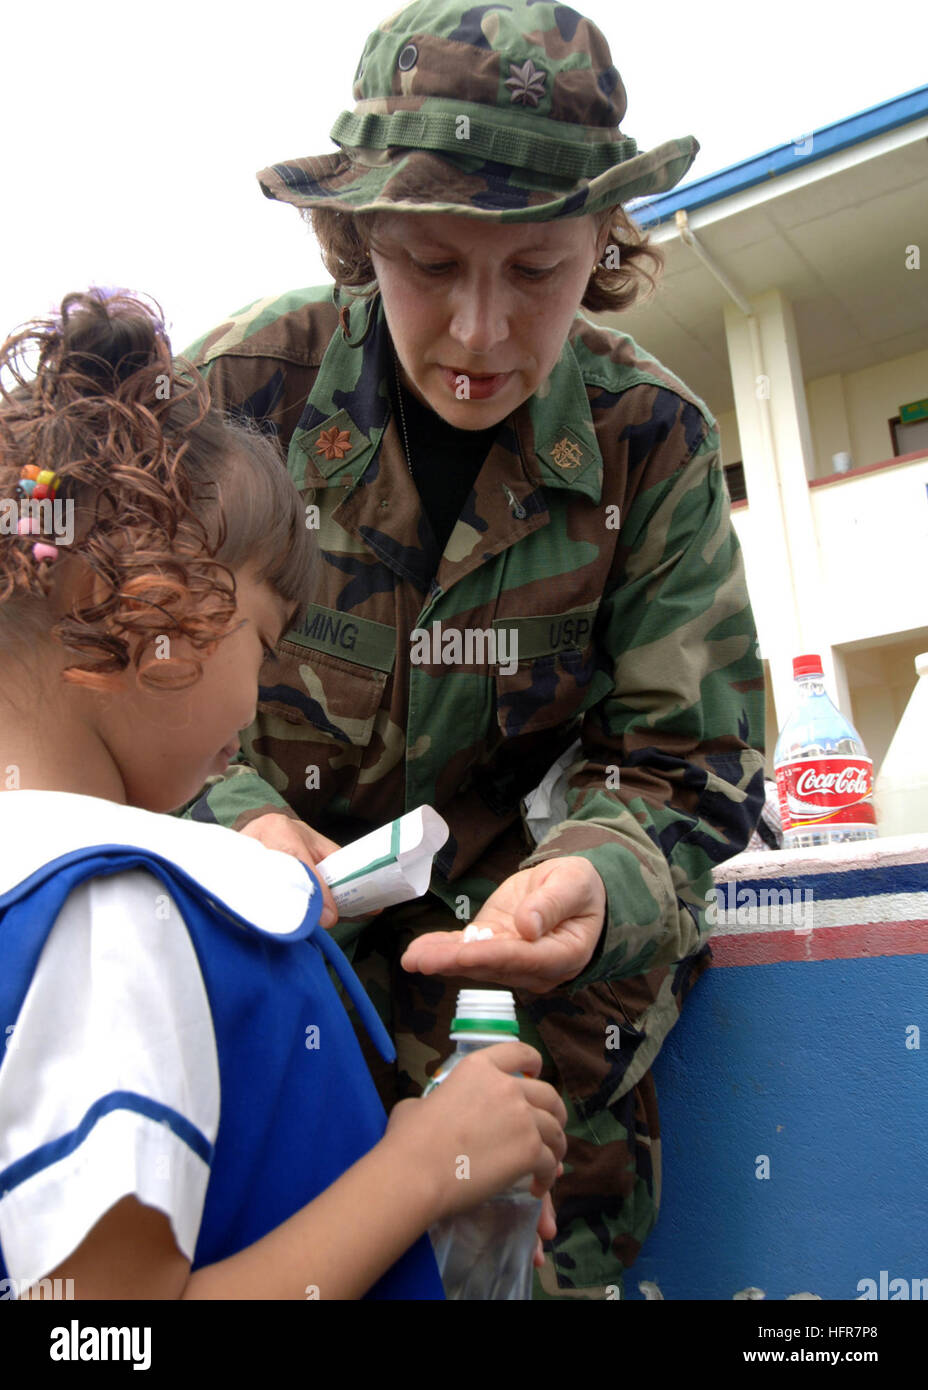 060613-N-8391G-186 Tawi Tawi, Philippines (13 juin 2006) - Public Health Service des États-Unis Le Lieutenant Photo Stock